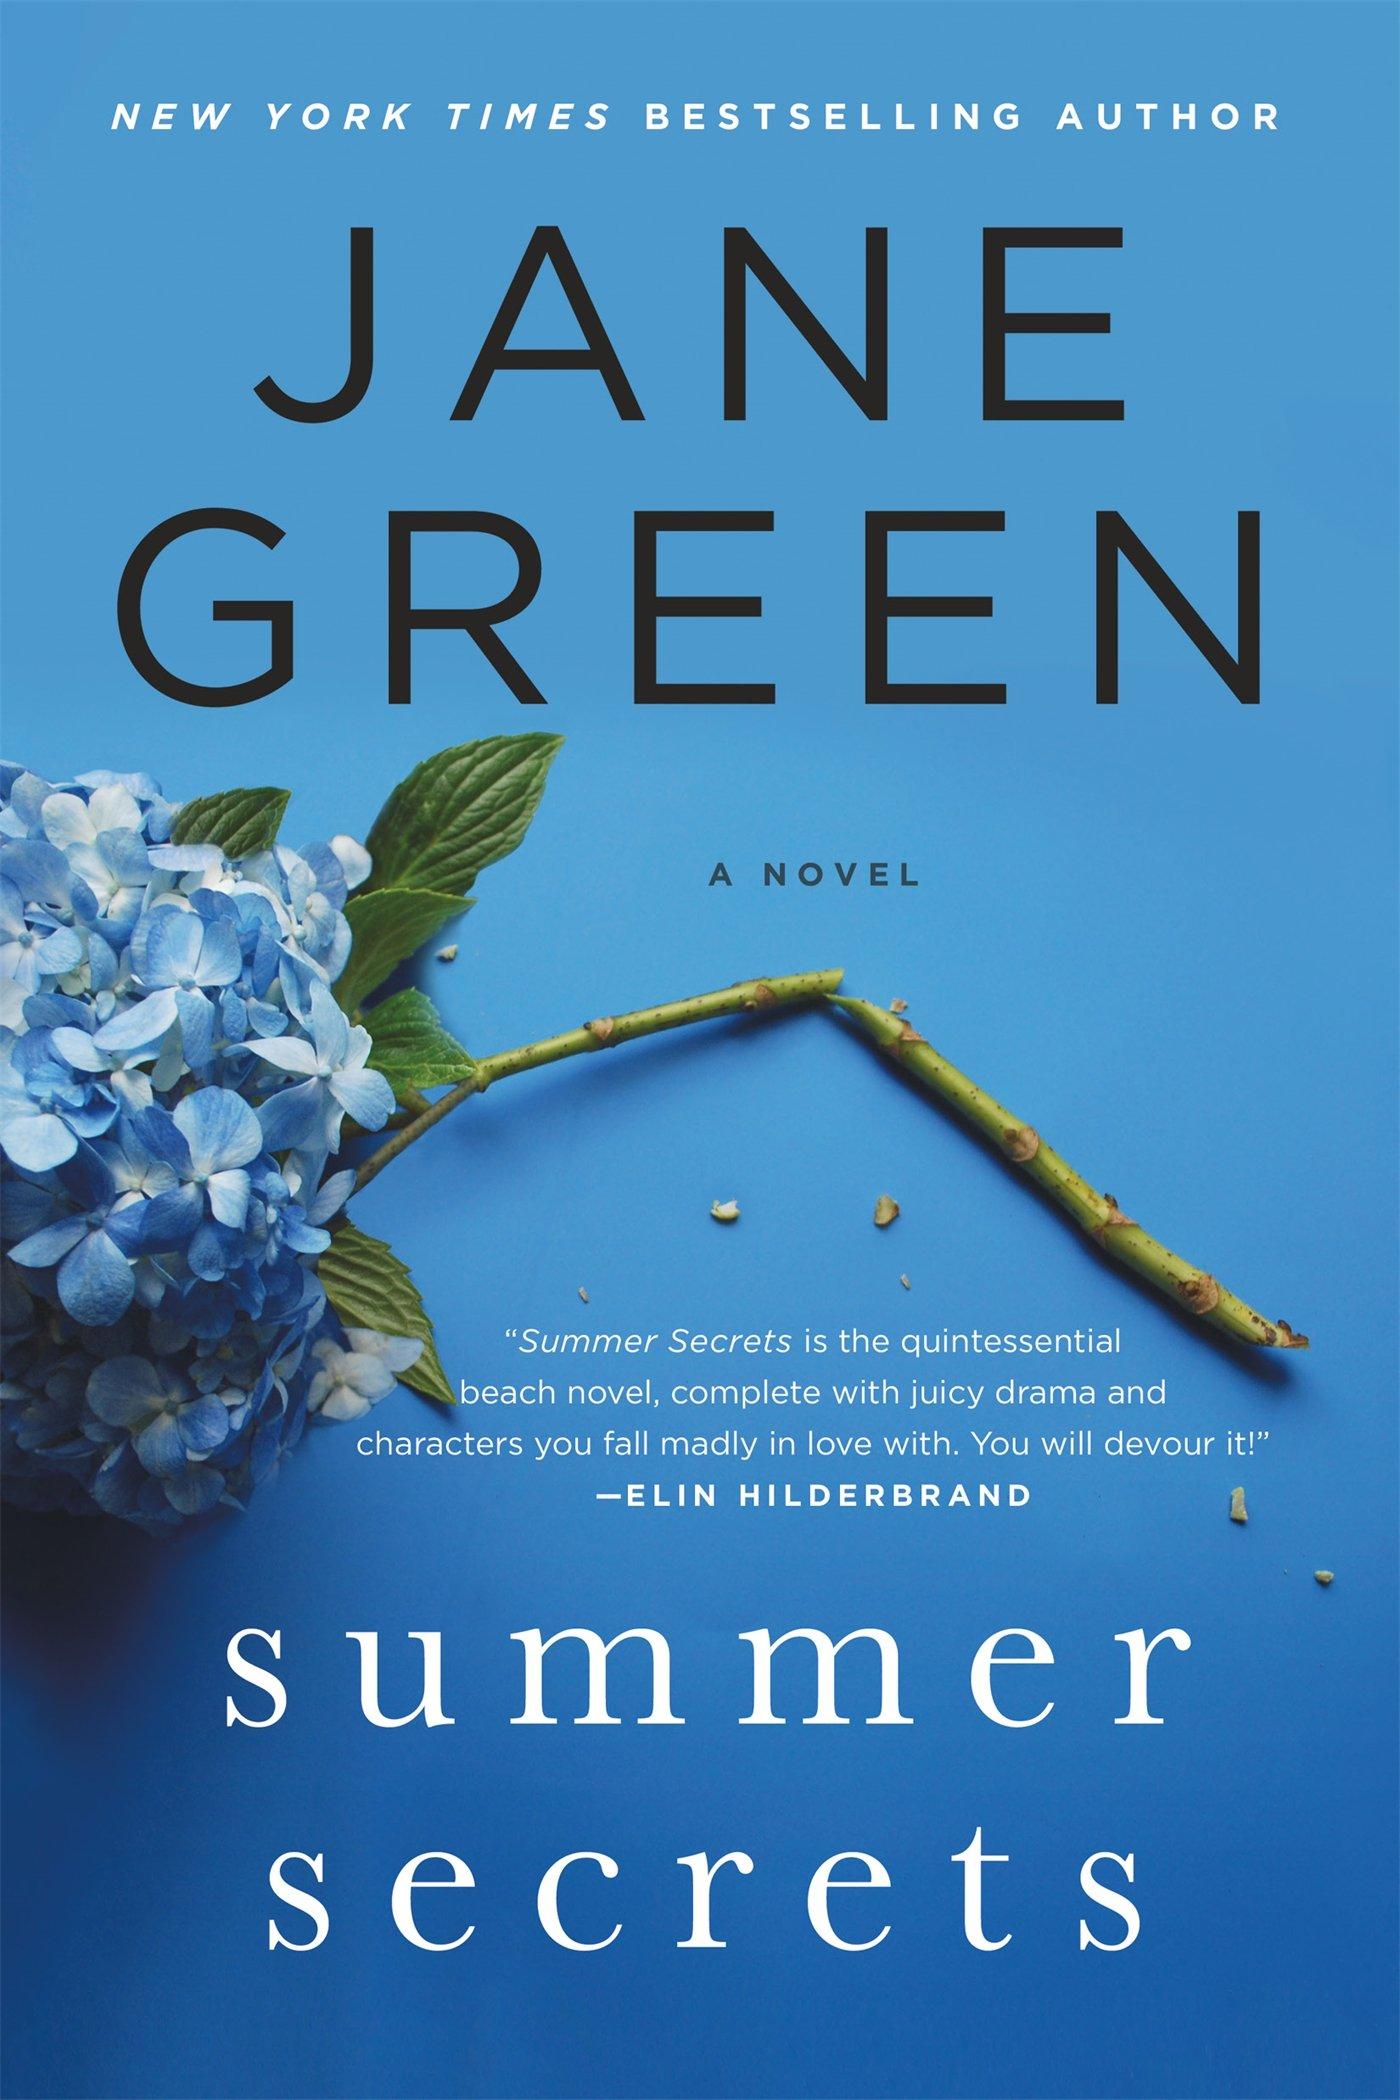 Summer Secrets by Jane Green.jpg